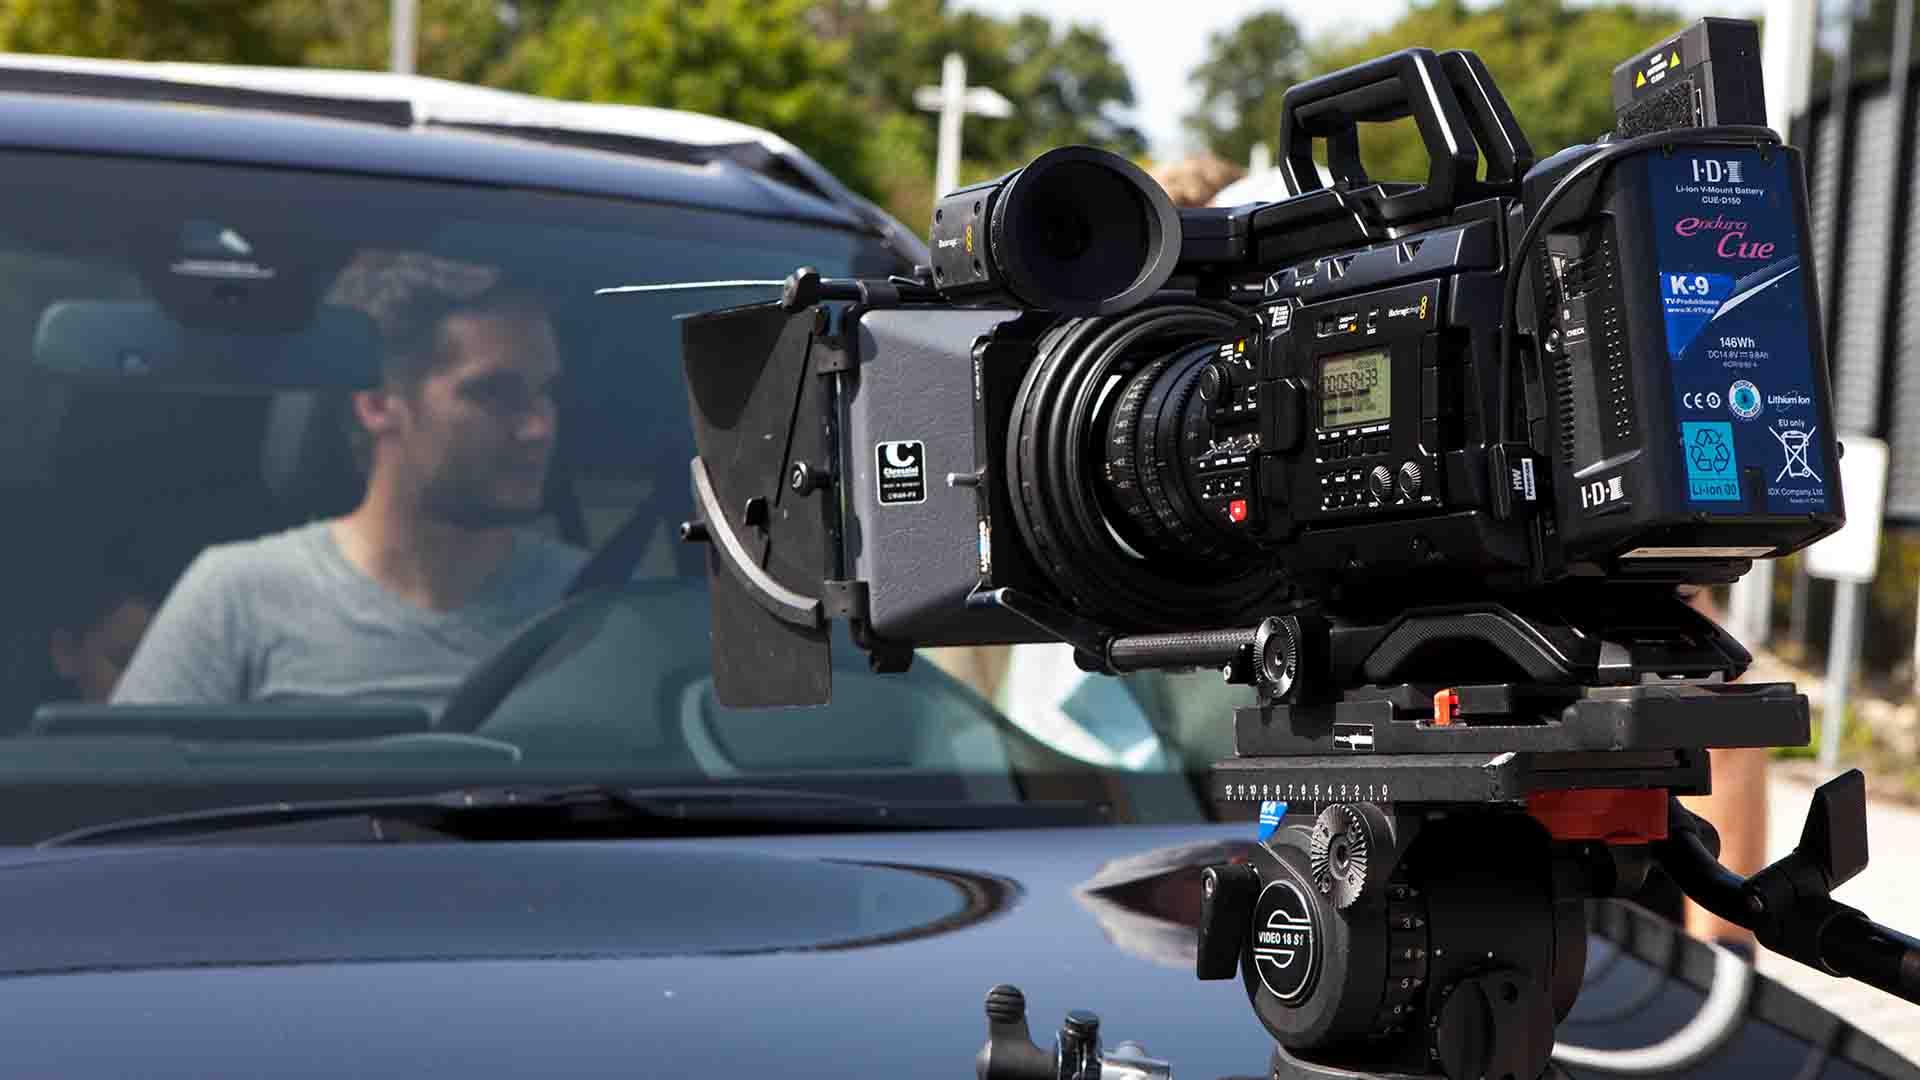 Das Bild zeigt eine Kamera. Diese Kamera ist auf ein Auto gerichtet. Das Auto ist schwarz sowie die Kamera auch. Auf dem Fahrersitz des Wagens sitzt ein Mann. Das Bild dient als Making Of Bild für den Portfolioeintrag RECARO Child Safety – Childseats Save Lives von Panda Pictures.